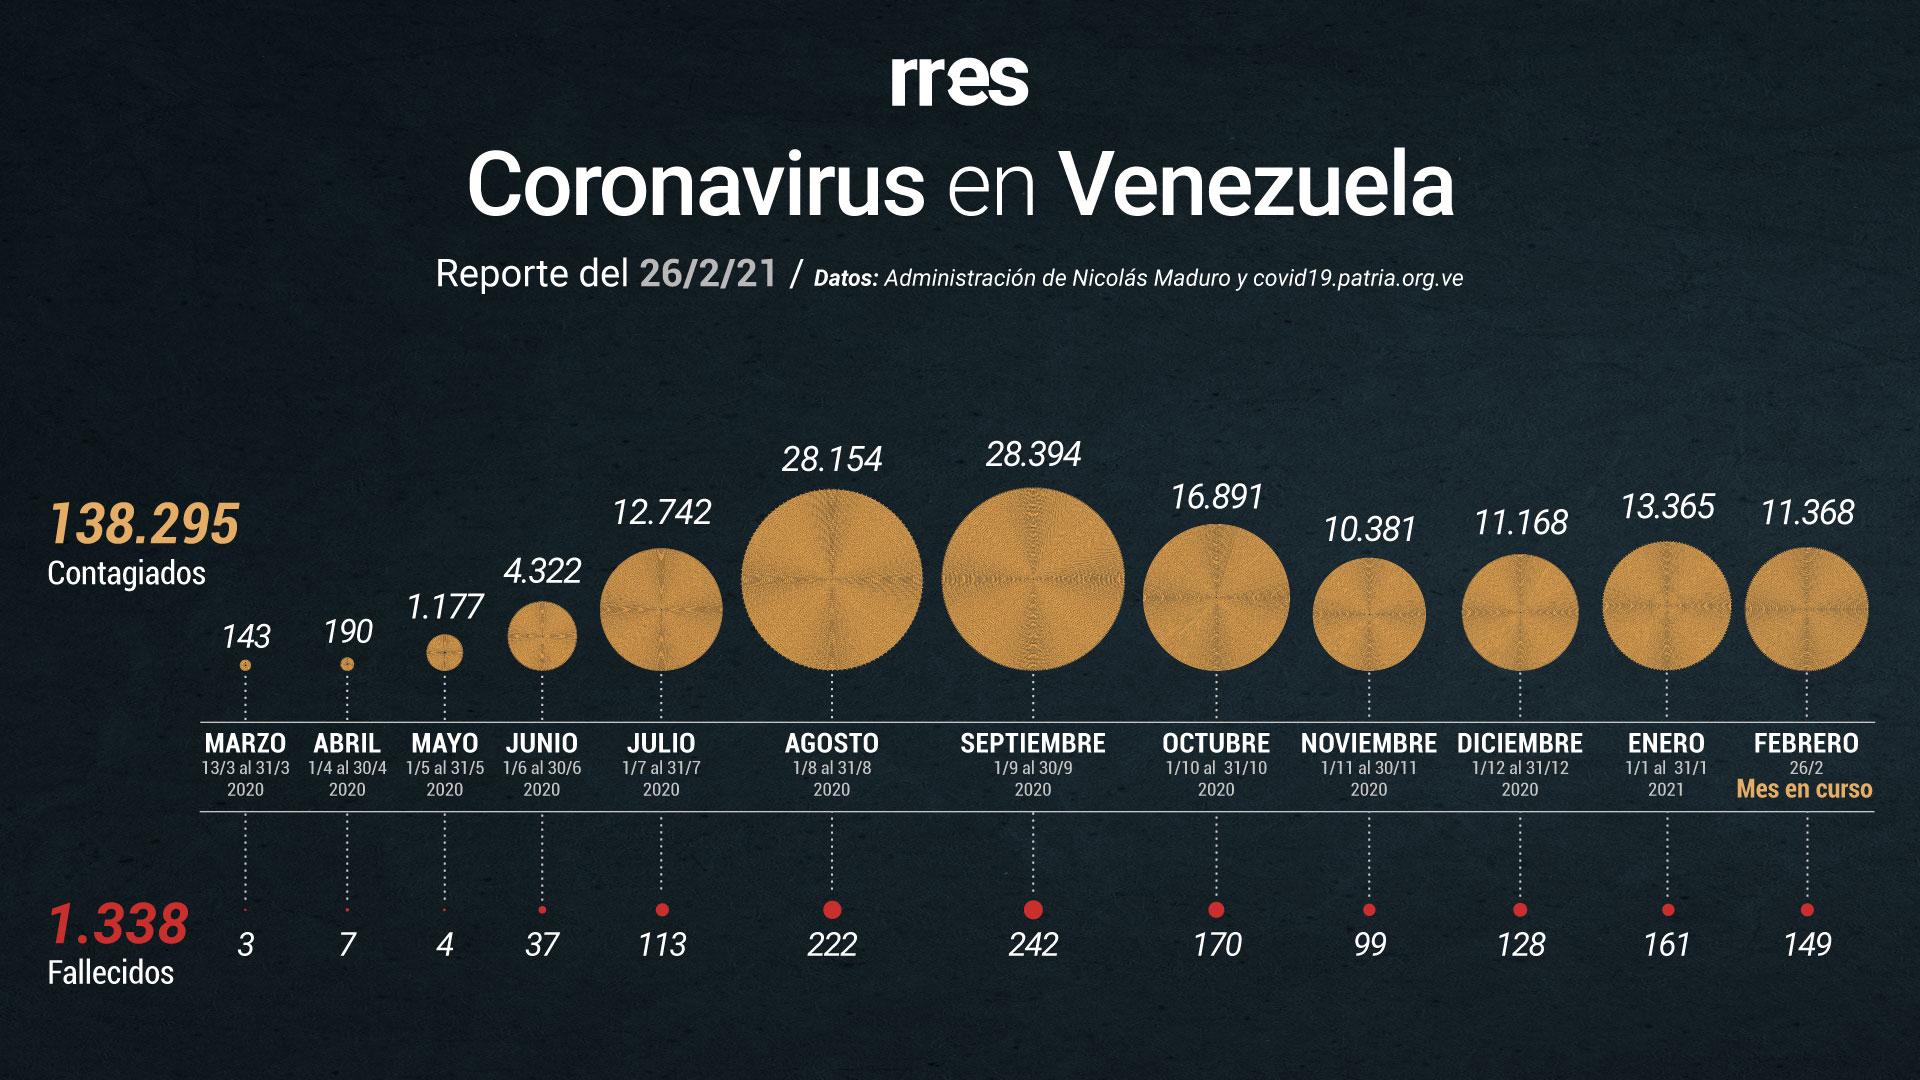 Venezuela registra otras 4 muertes por COVID-19 y 424 nuevos casos este #26Feb